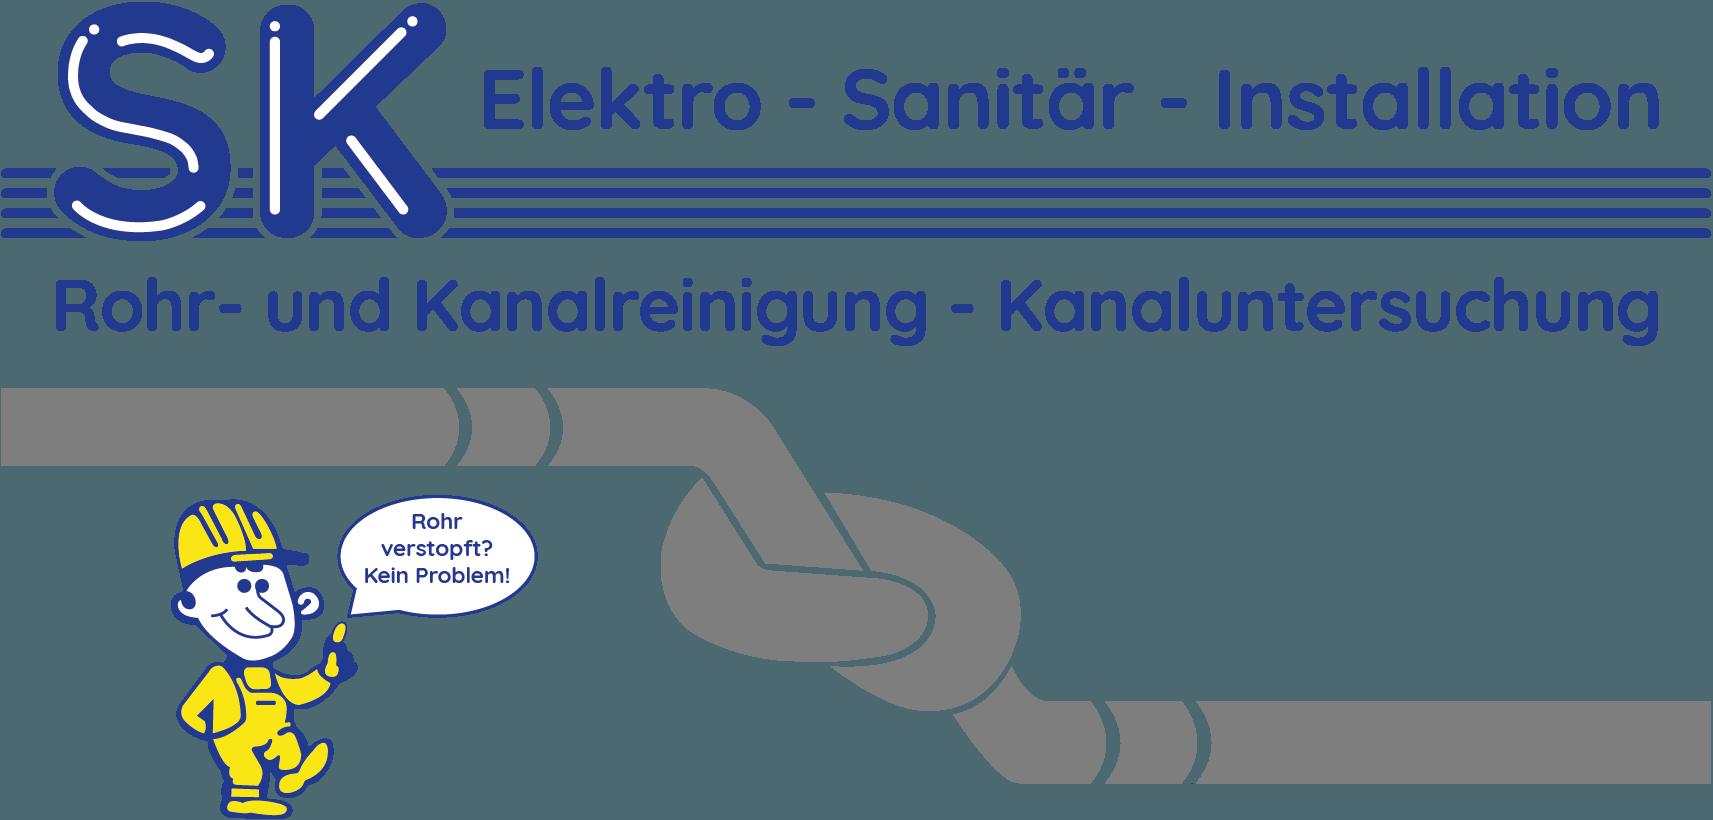 SK Elektro Sanitär Installation – Rohr- und Kanalreinigung